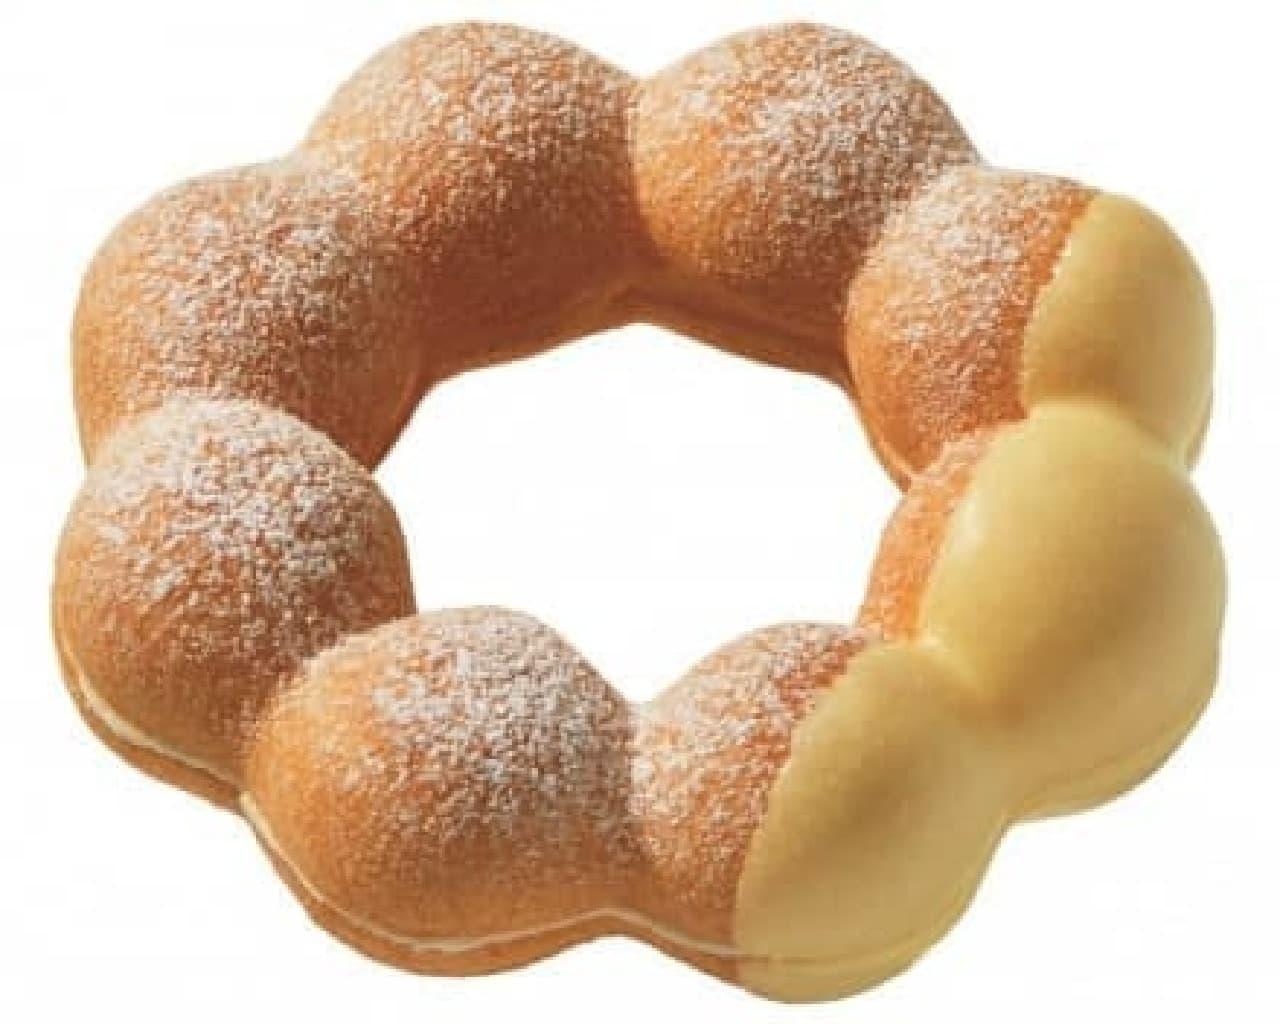 ミスタードーナツ×パブロ「ポン・デ・レアチーズ」